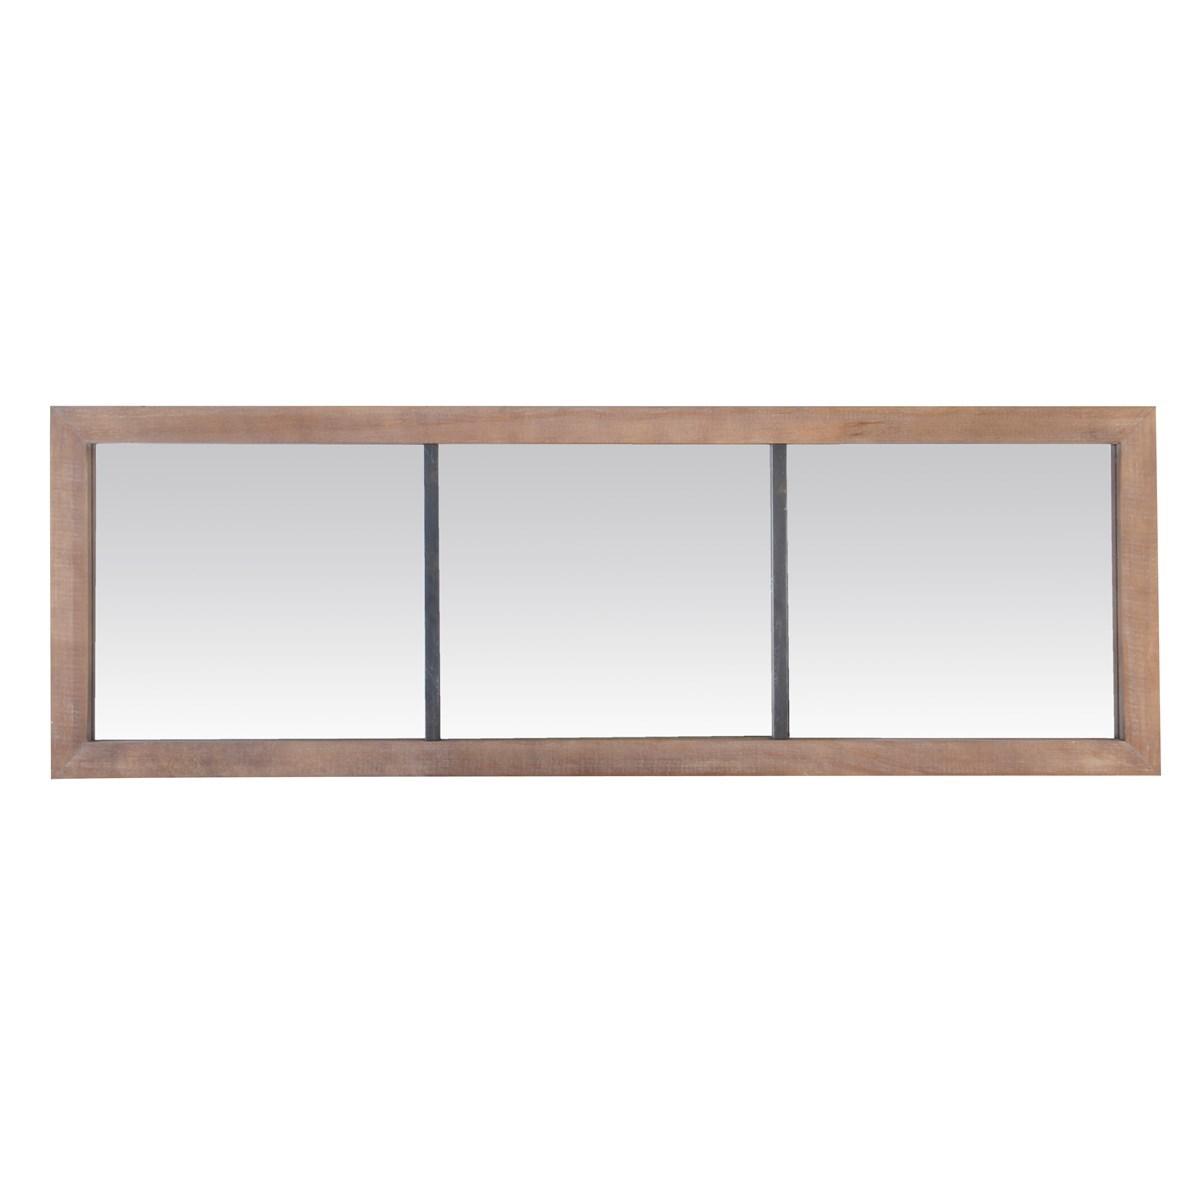 Miroir 3 bandes en métal et bois en Bois Marron